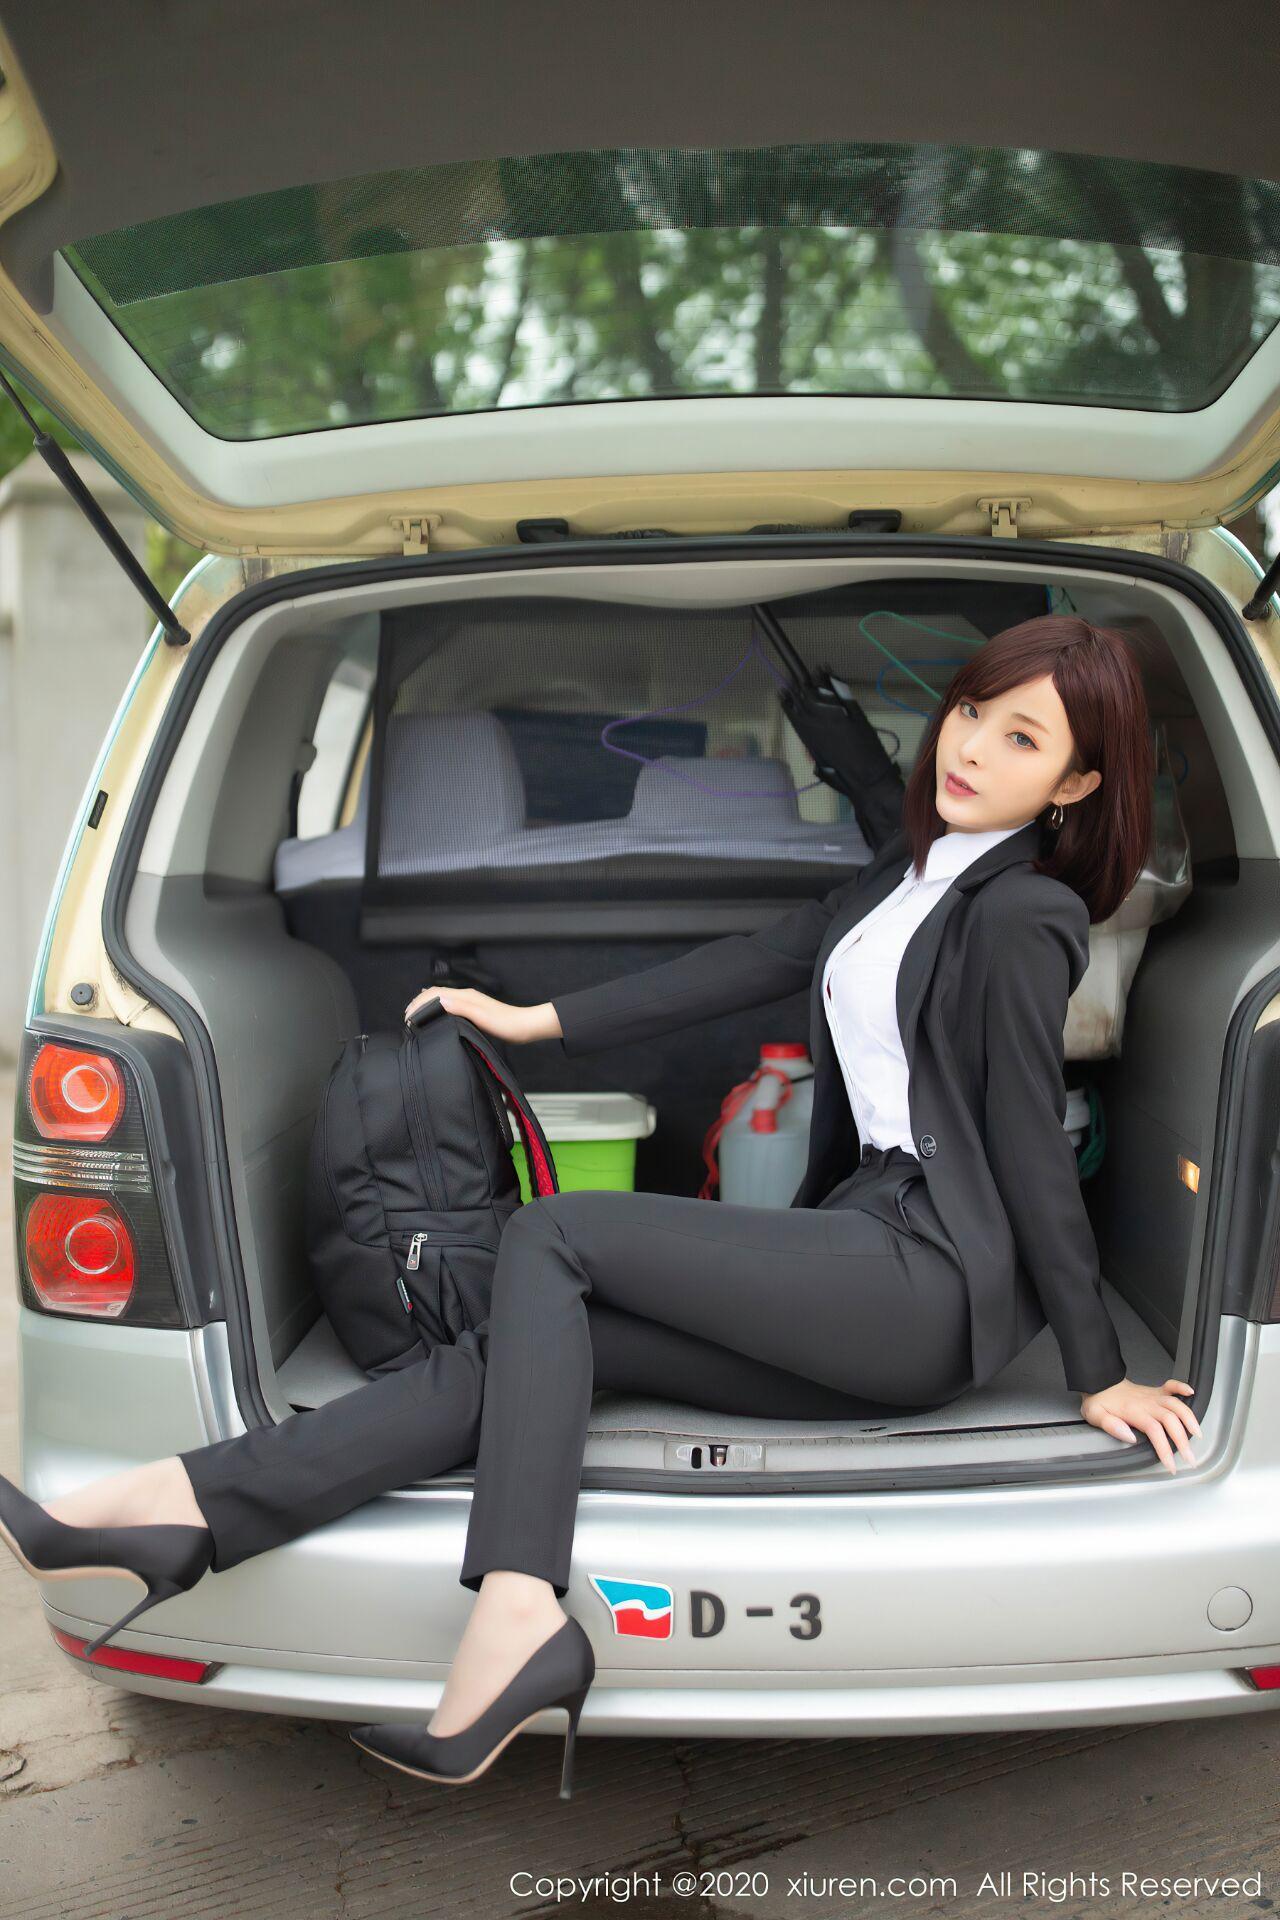 图片[13]-【剧情mietu】我和出租车女司机的邂逅故事-大鹏资源网